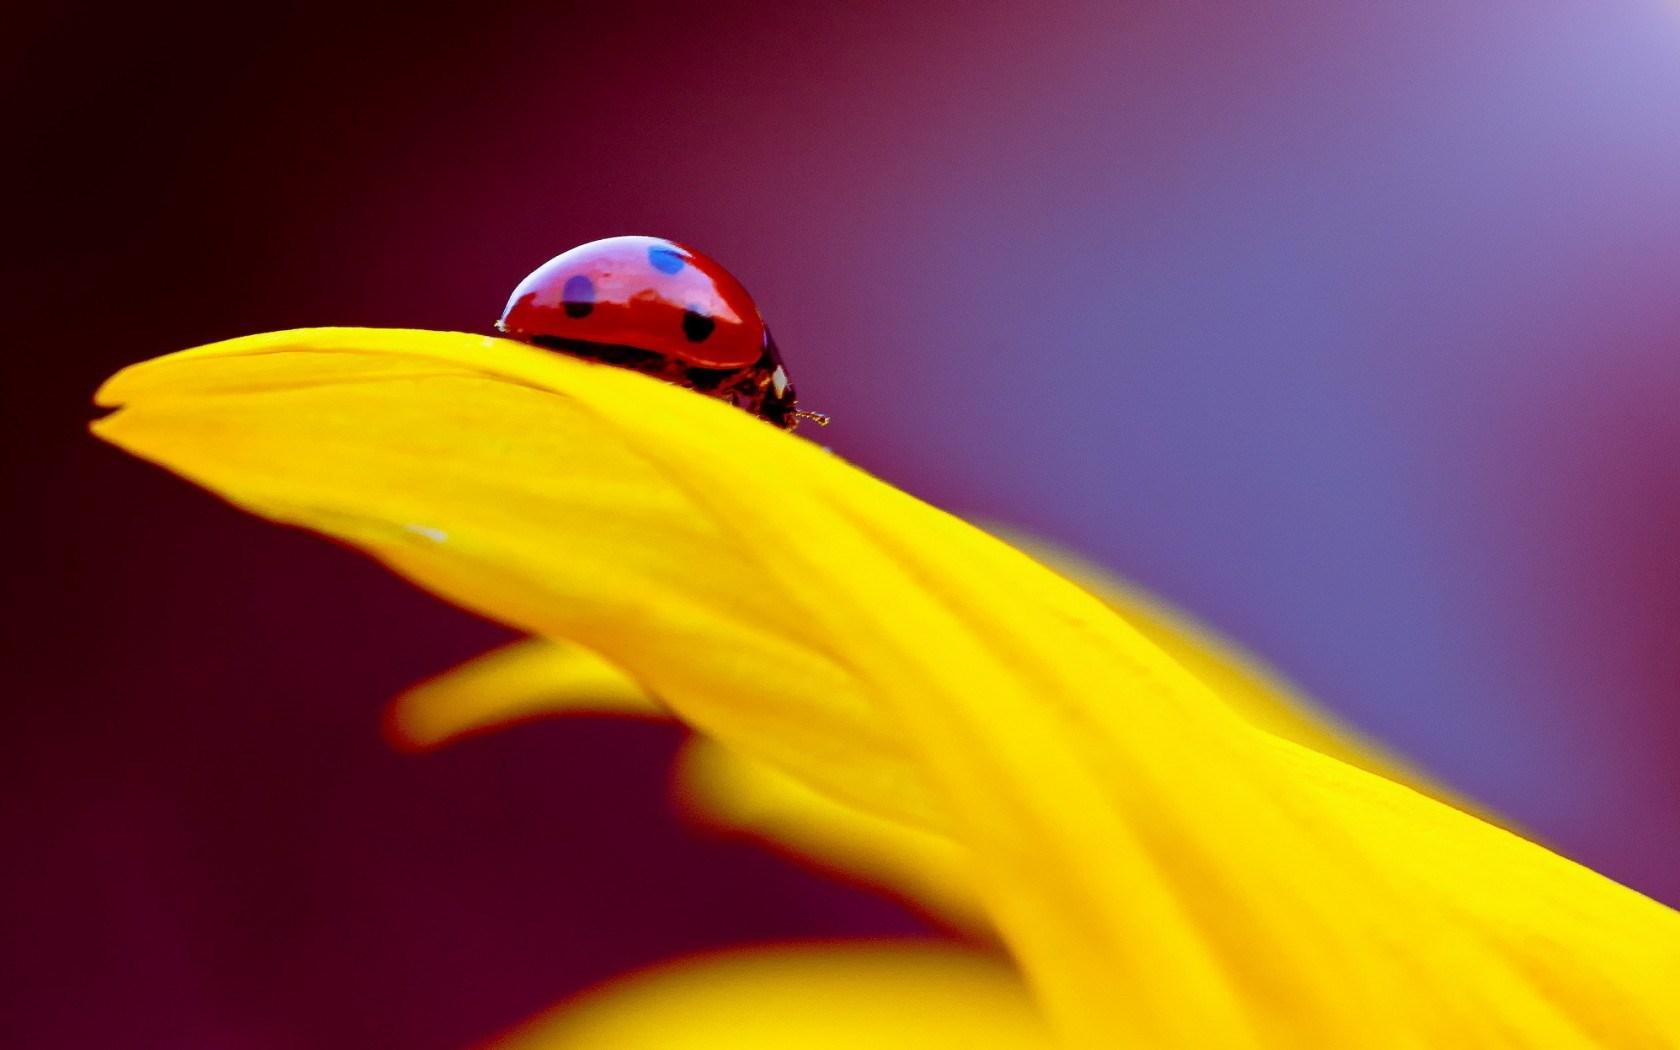 Ladybug yellow petal